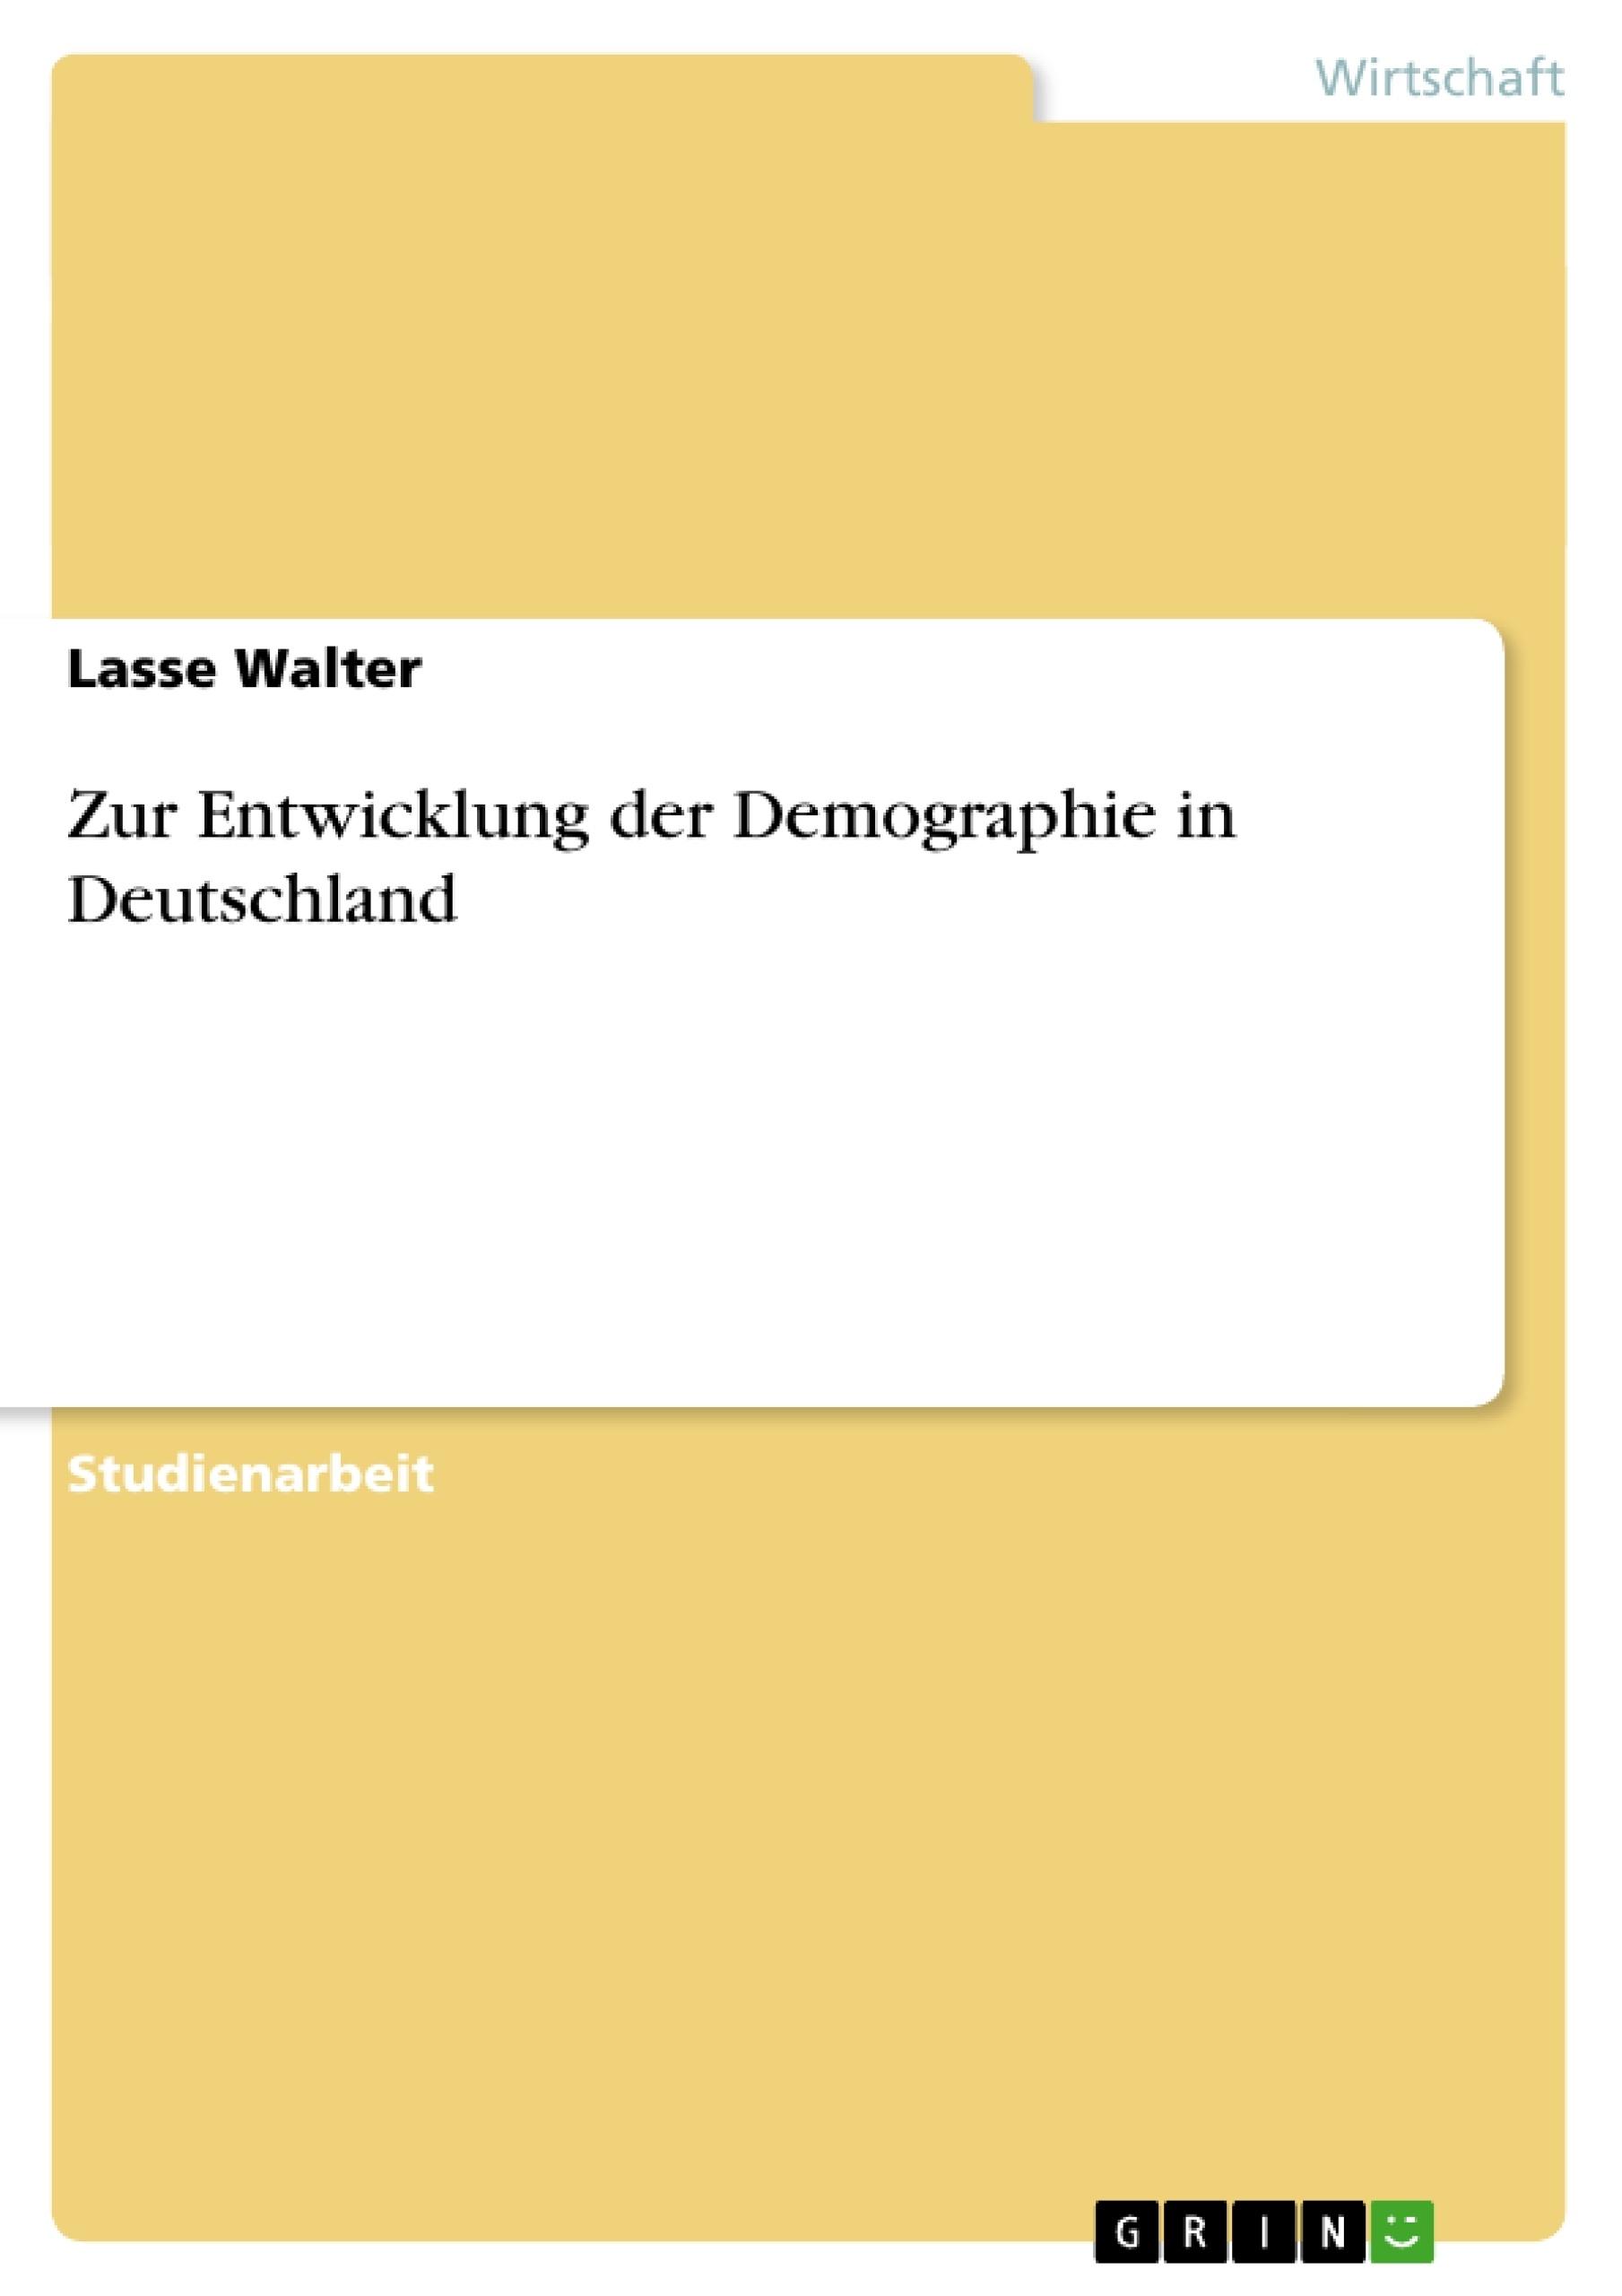 Titel: Zur Entwicklung der Demographie in Deutschland